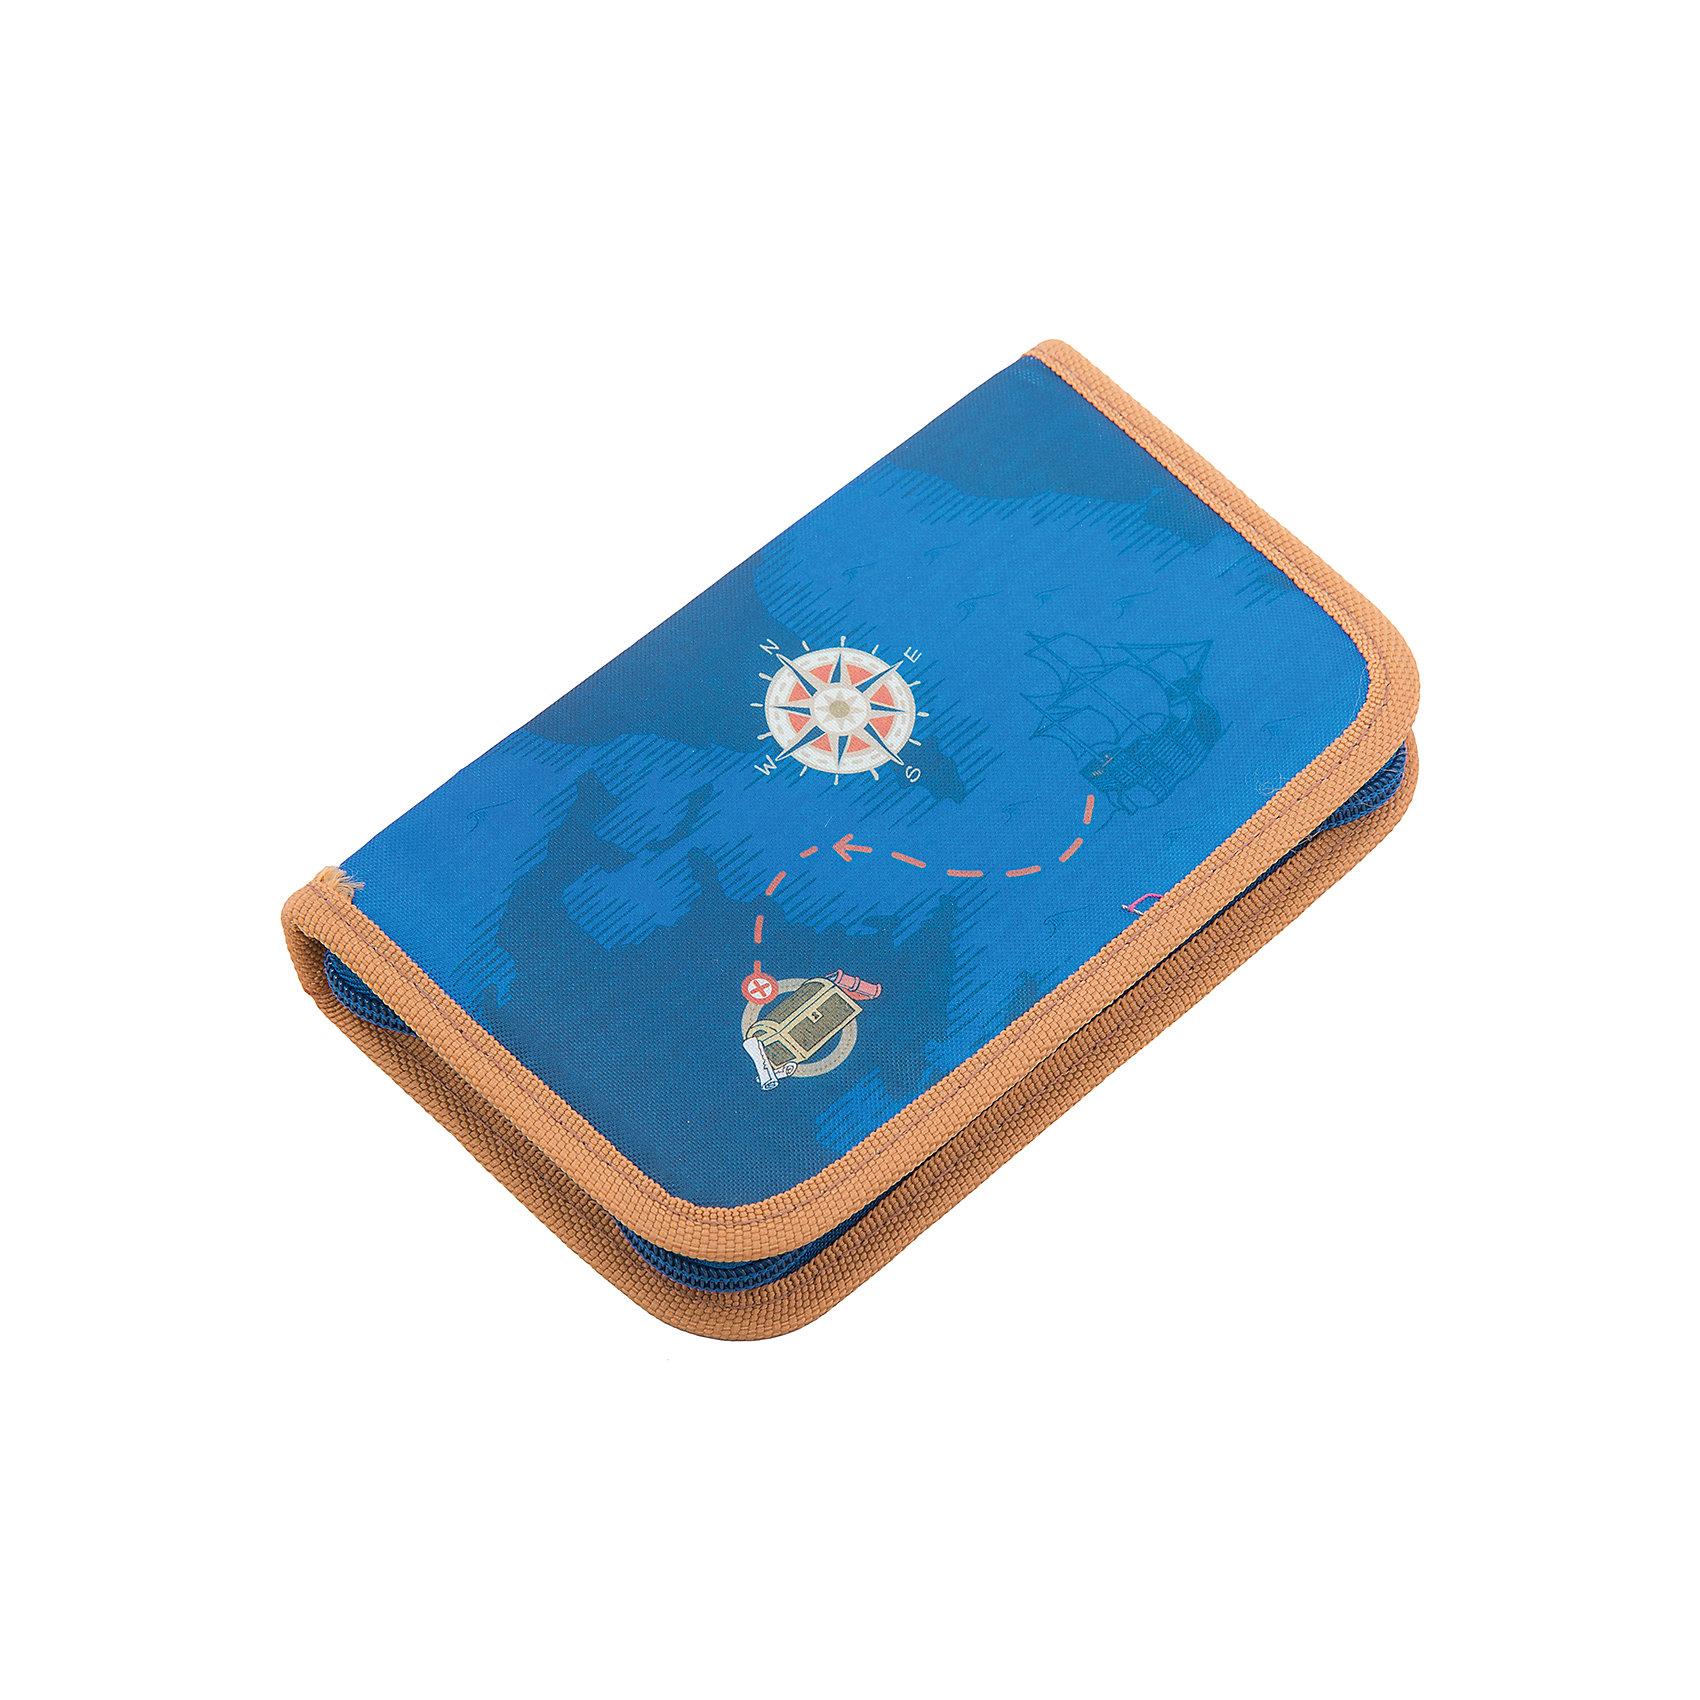 Пенал 1-секционный Компас, СмурфикиПенал Компас – это модный и красивый аксессуар, который надежно сохранит все мелкие школьные принадлежности. Его специальные петельки из резинки надежно зафиксируют ручки и карандаши, точилку и ластик. Изделие изготовлено из износостойкой ткани и качественного ламинированного картона, поэтому будет служить очень долго. Аксессуар декорирован ярким принтом снаружи и внутри. <br><br>Дополнительная информация:<br><br>- Материал: картон, текстиль.<br>- Размер: 19,5х11х3,5 см.<br>- Цвет: синий. <br>- Количество отделений: 1.<br><br>Пенал 1-секционный Компас, Смурфики, можно купить в нашем магазине.<br><br>Ширина мм: 195<br>Глубина мм: 110<br>Высота мм: 35<br>Вес г: 105<br>Возраст от месяцев: 36<br>Возраст до месяцев: 108<br>Пол: Мужской<br>Возраст: Детский<br>SKU: 4074013